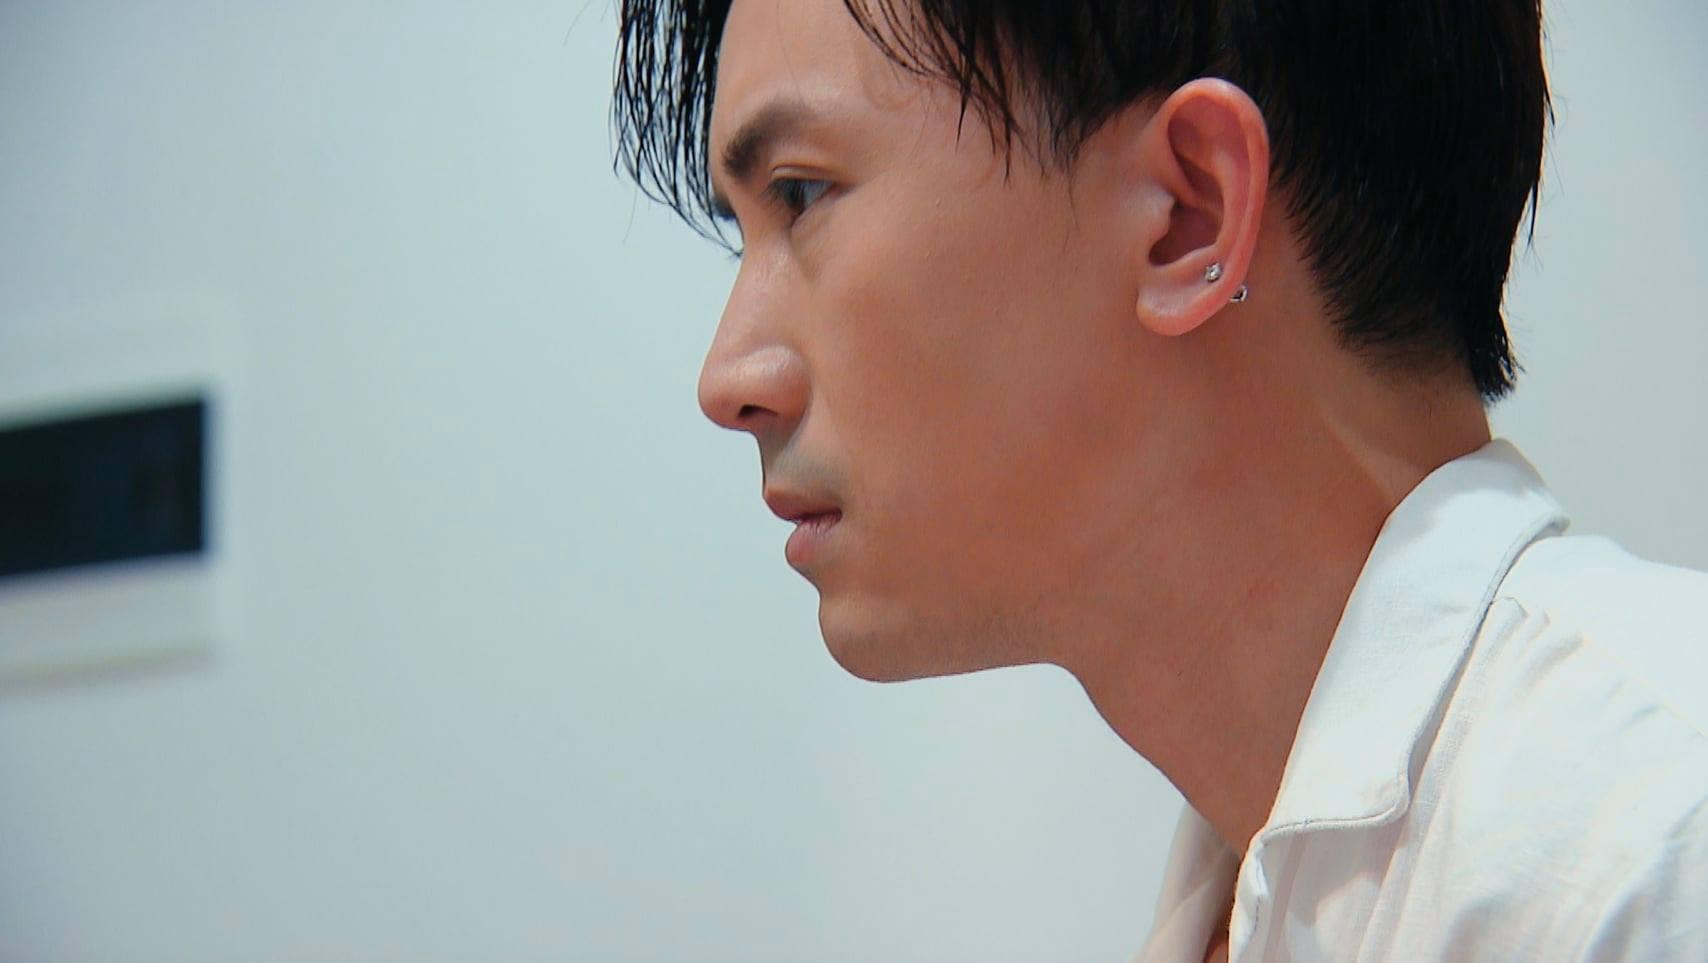 'Hương vị tình thân' preview tập 39 (p2): Thy dầm mưa vì buồn chuyện Huy và 'trà xanh', phải nhập viện trong đêm rồi lộ chuyện có bầu? 3